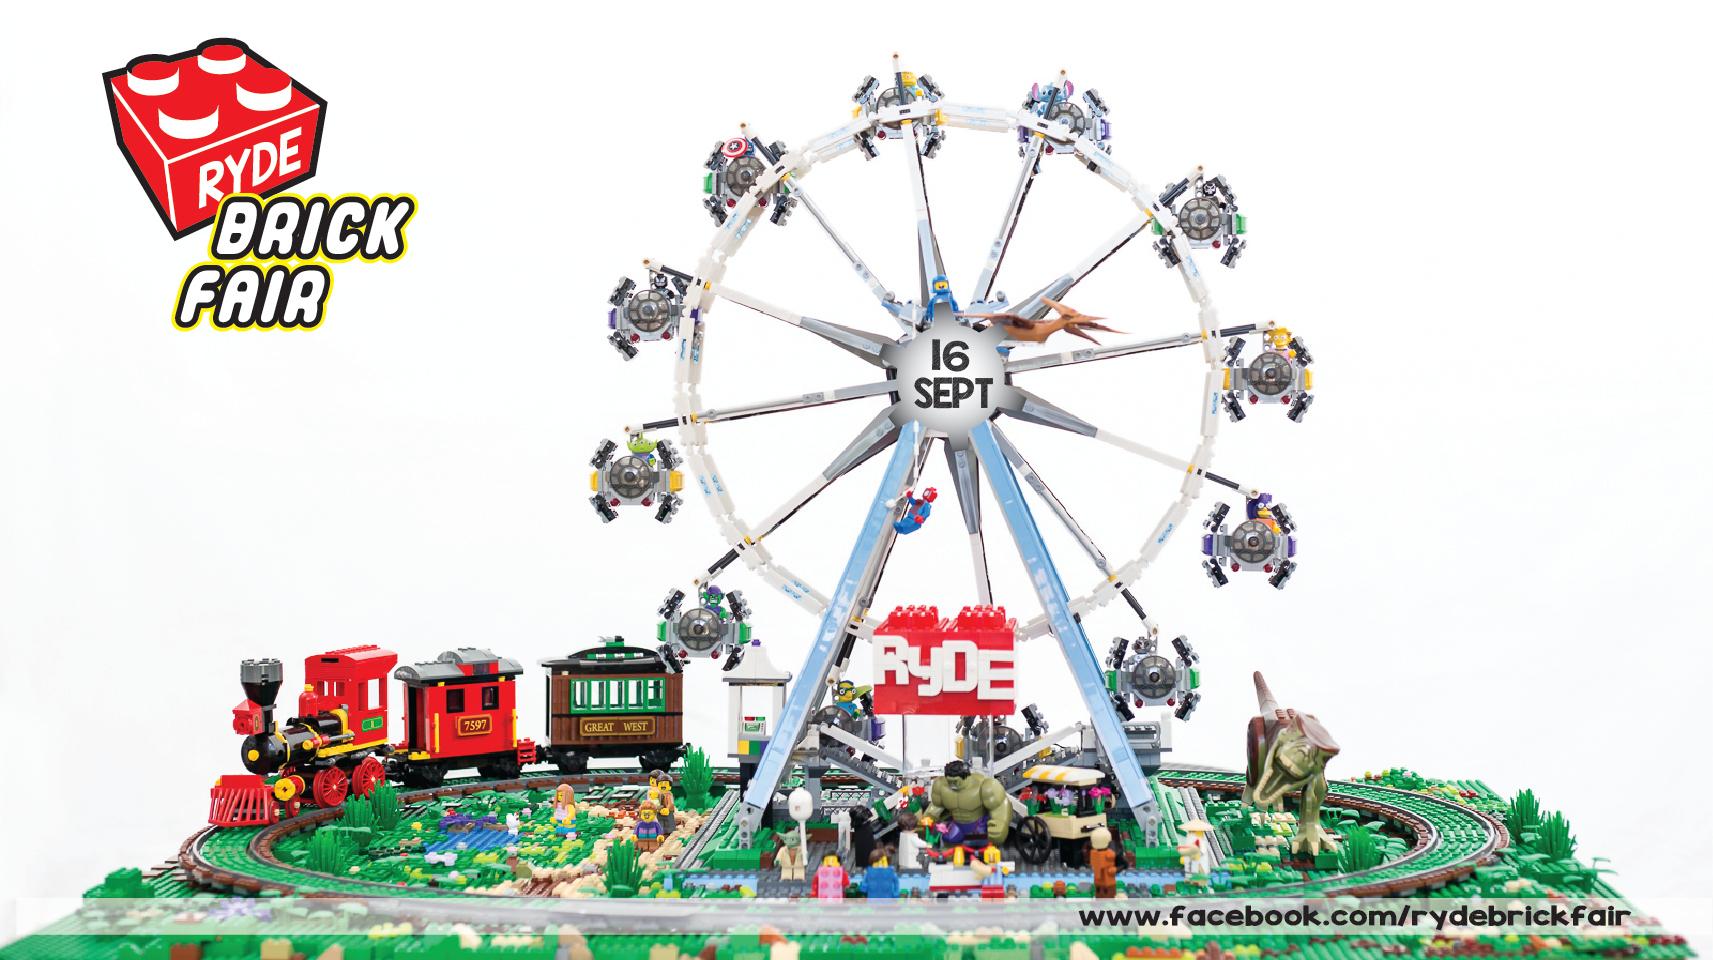 Ryde Brick Fair 2018